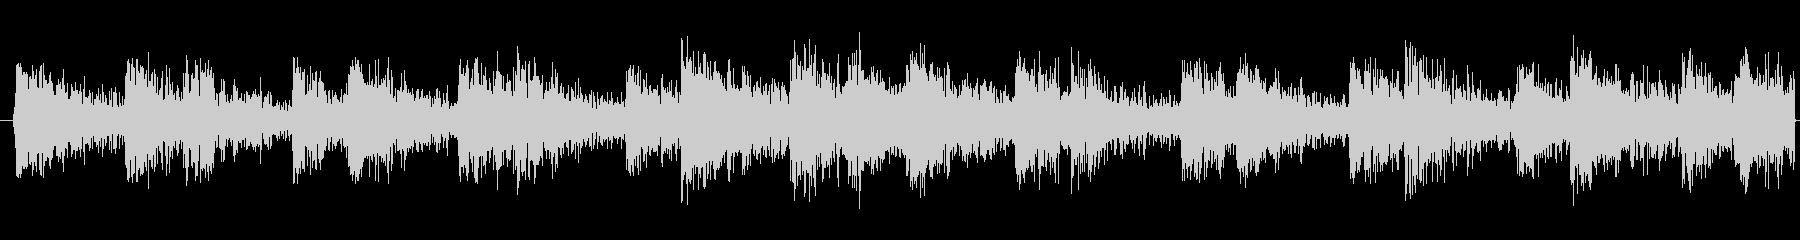 ループ可能な太鼓リズムトラックの未再生の波形